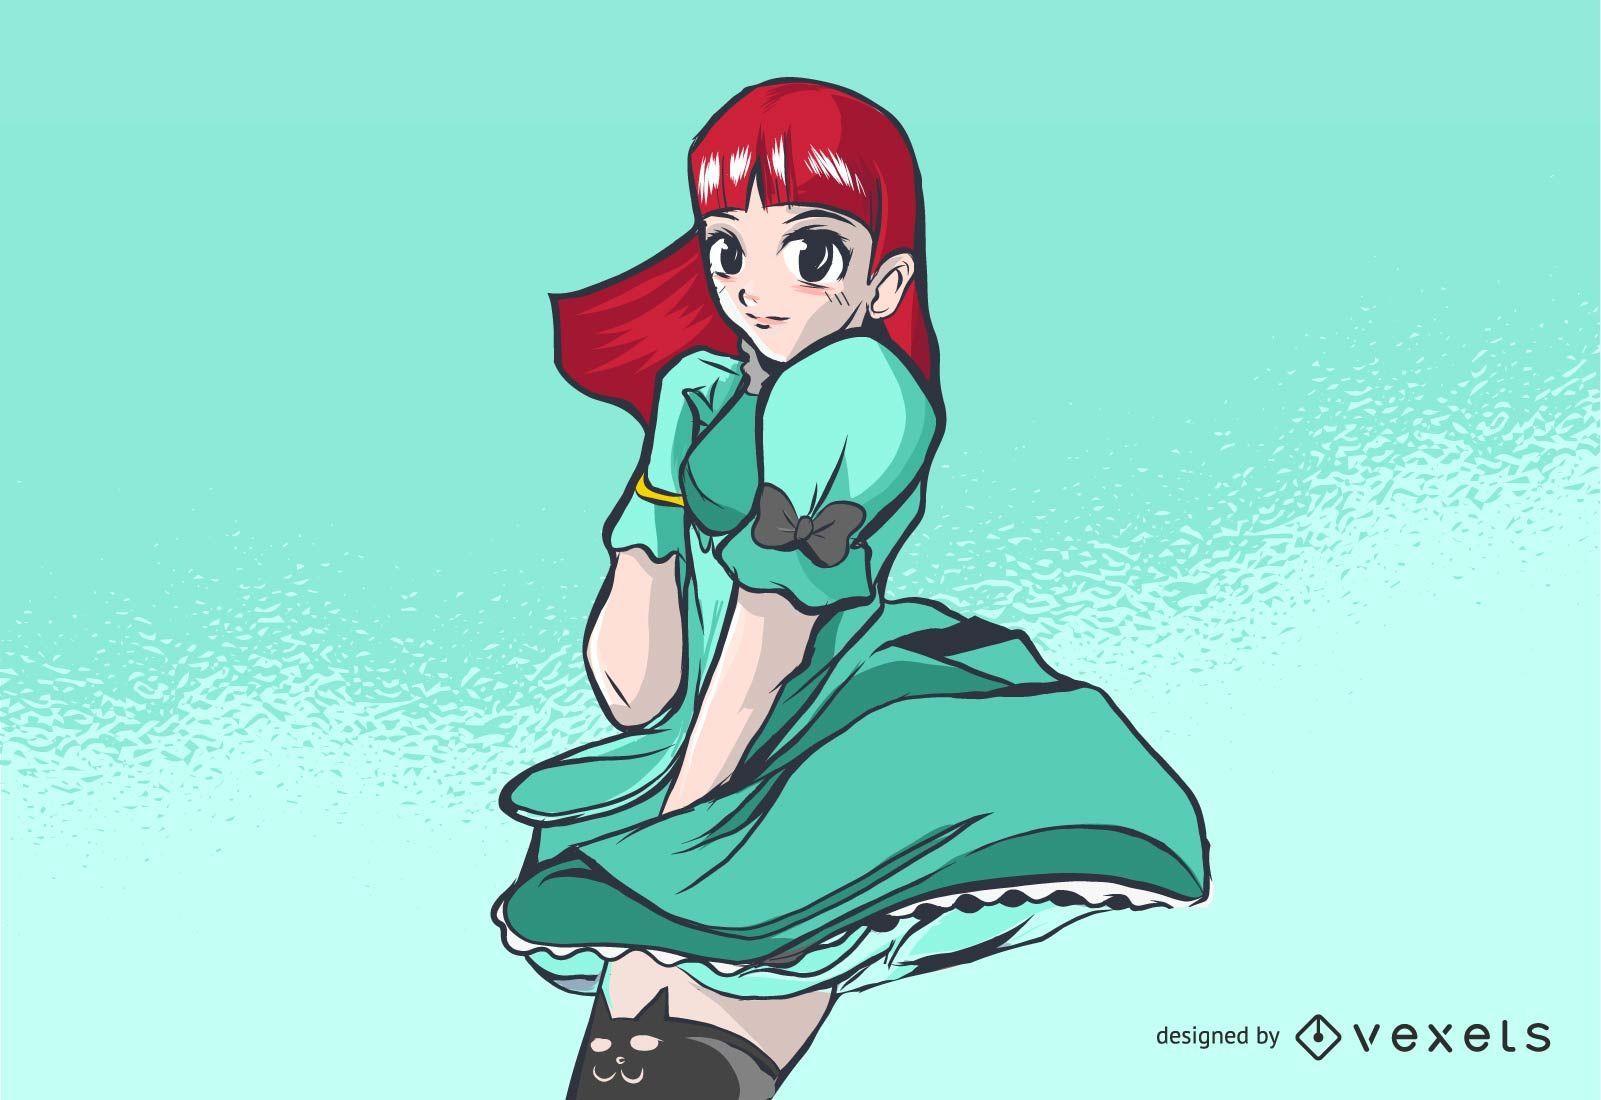 Personaje de chica anime de aspecto lindo